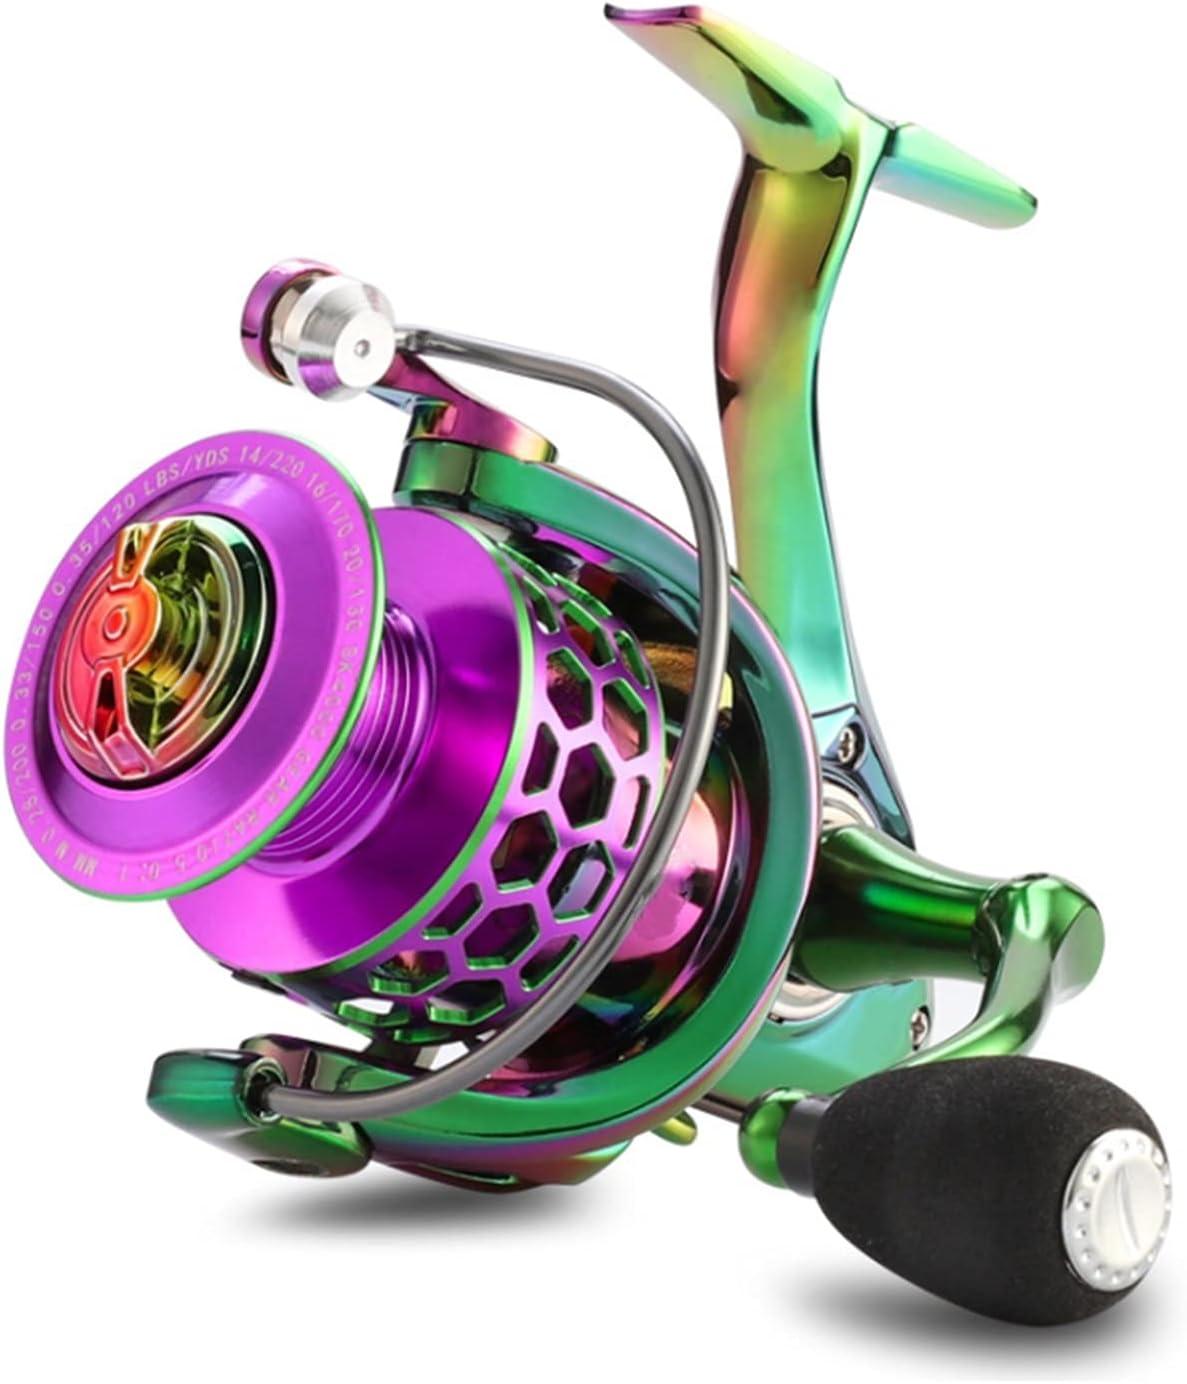 ACYC Fishing Reels 1000-6000 Series Popular brand Reel 4.7:1 Color Engra Low price 5.0:1